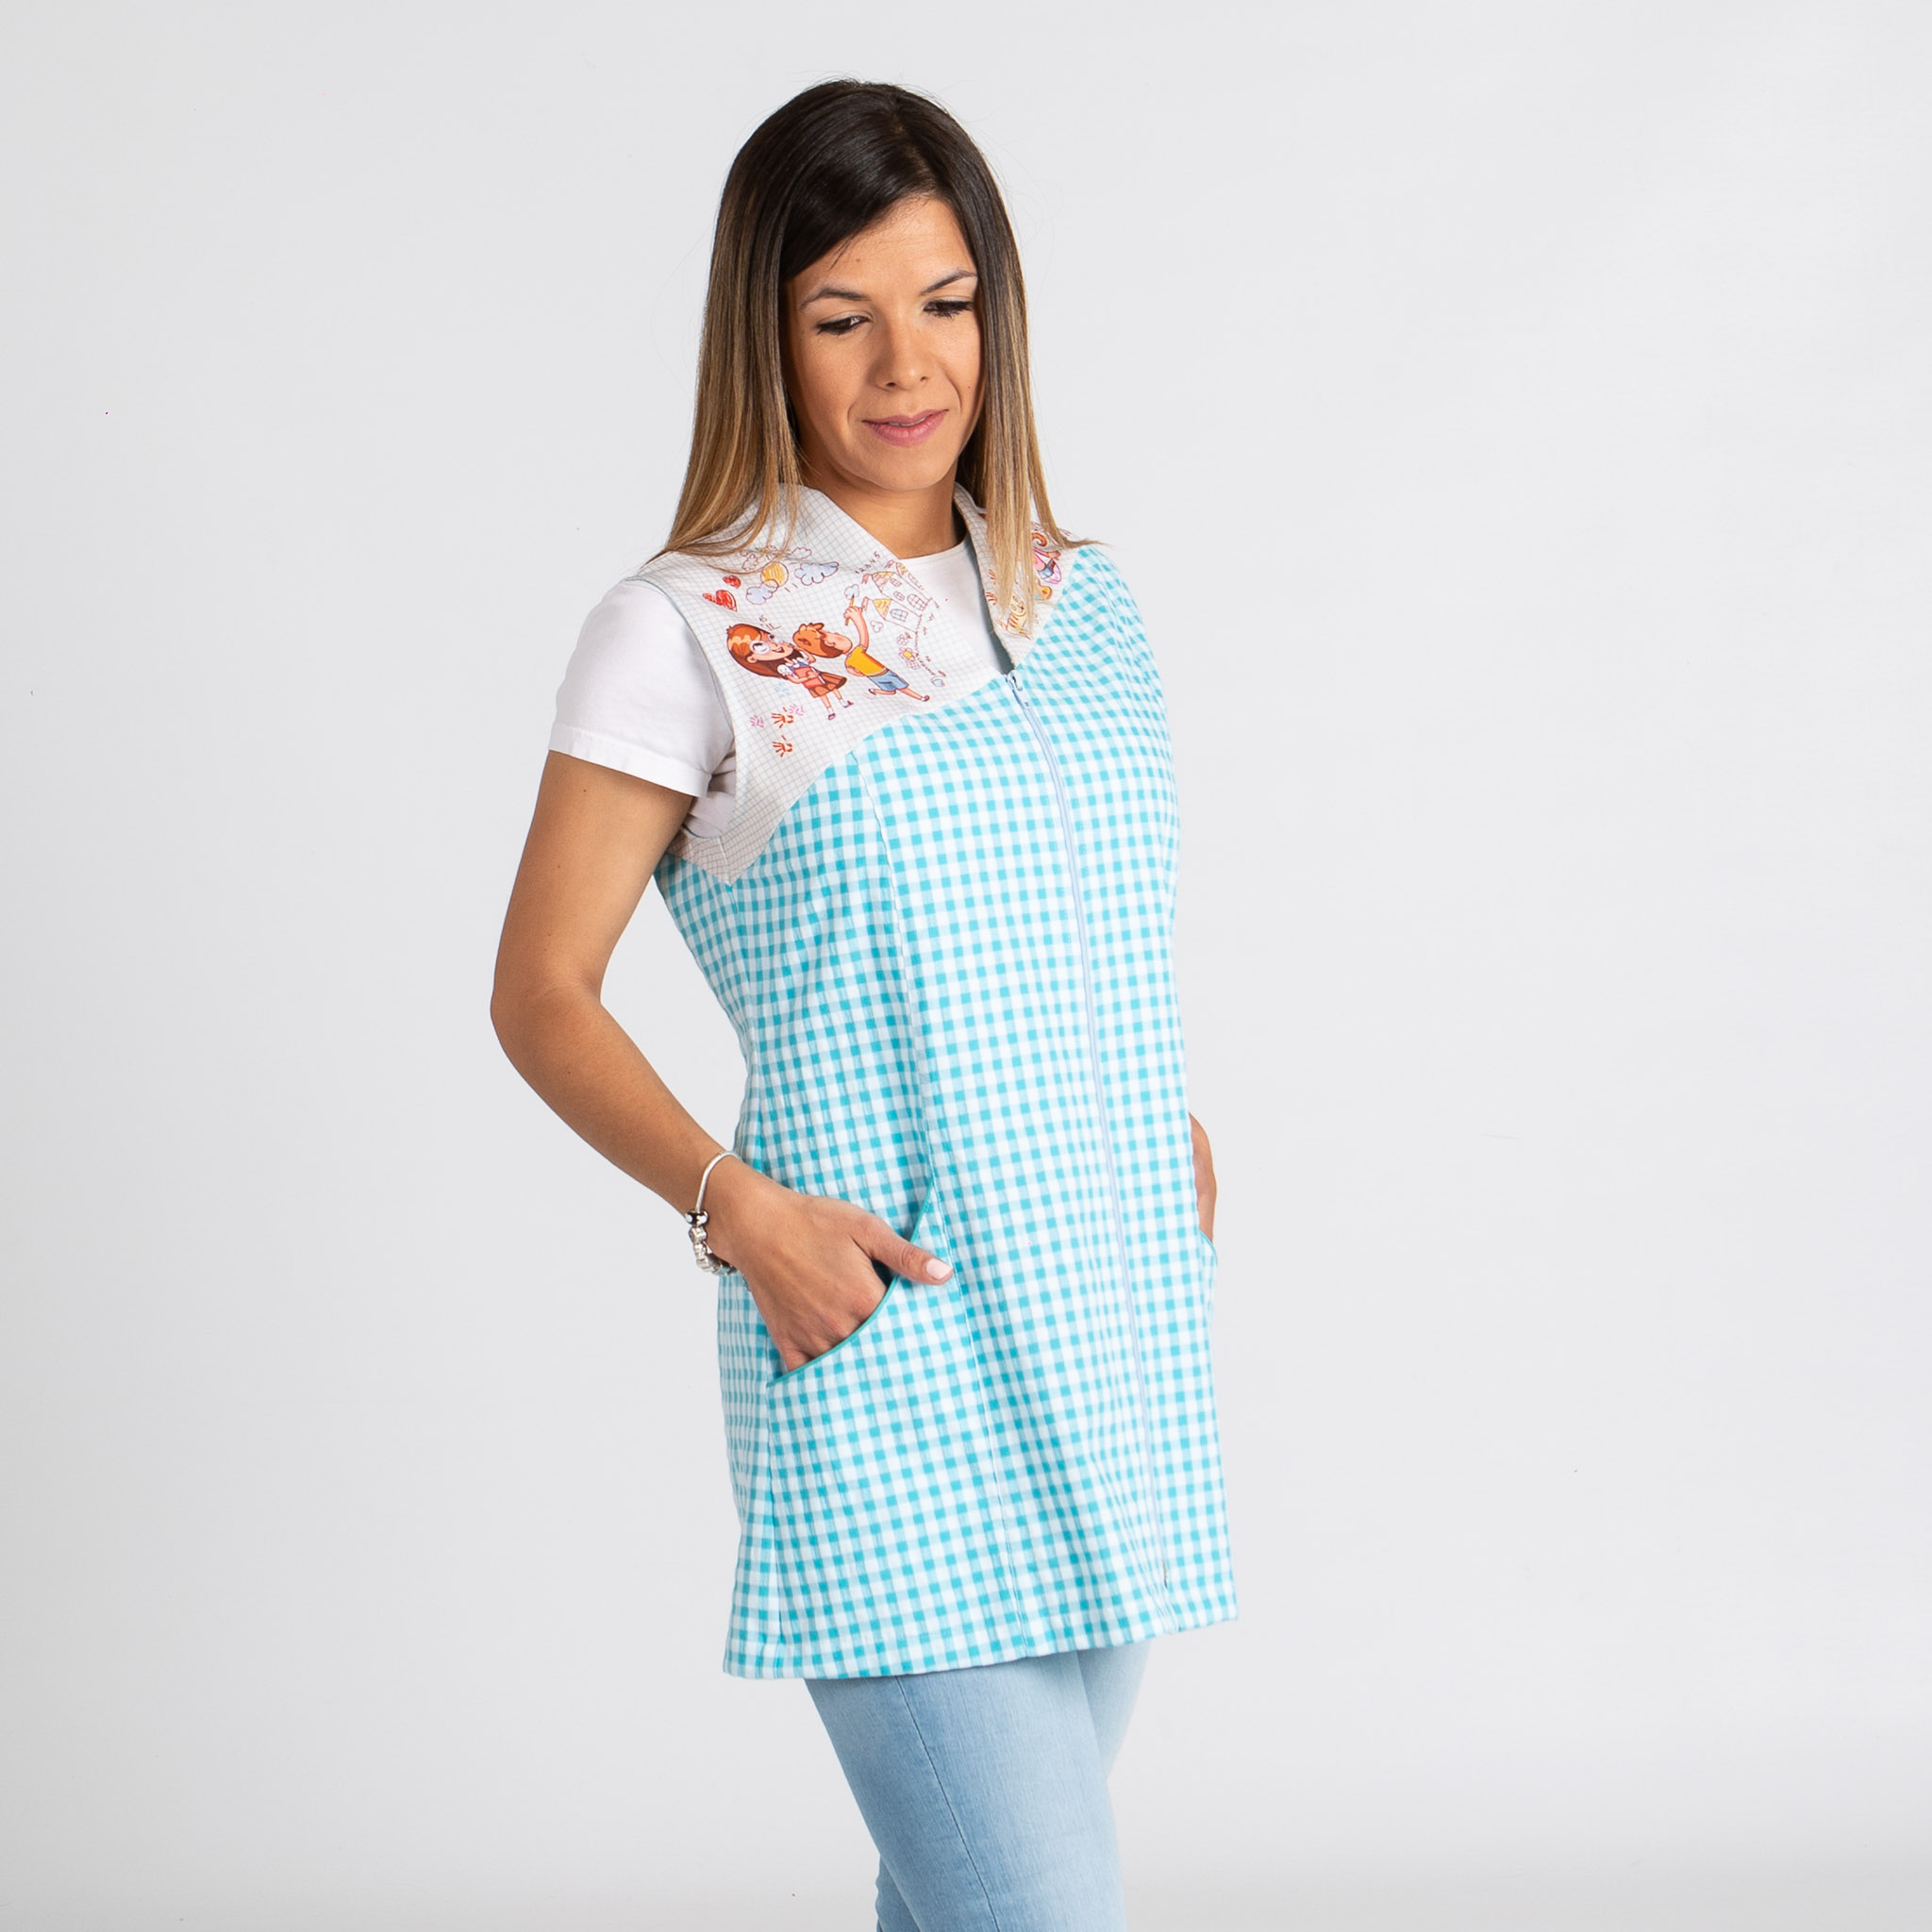 Blusa mujer dibujos 653900